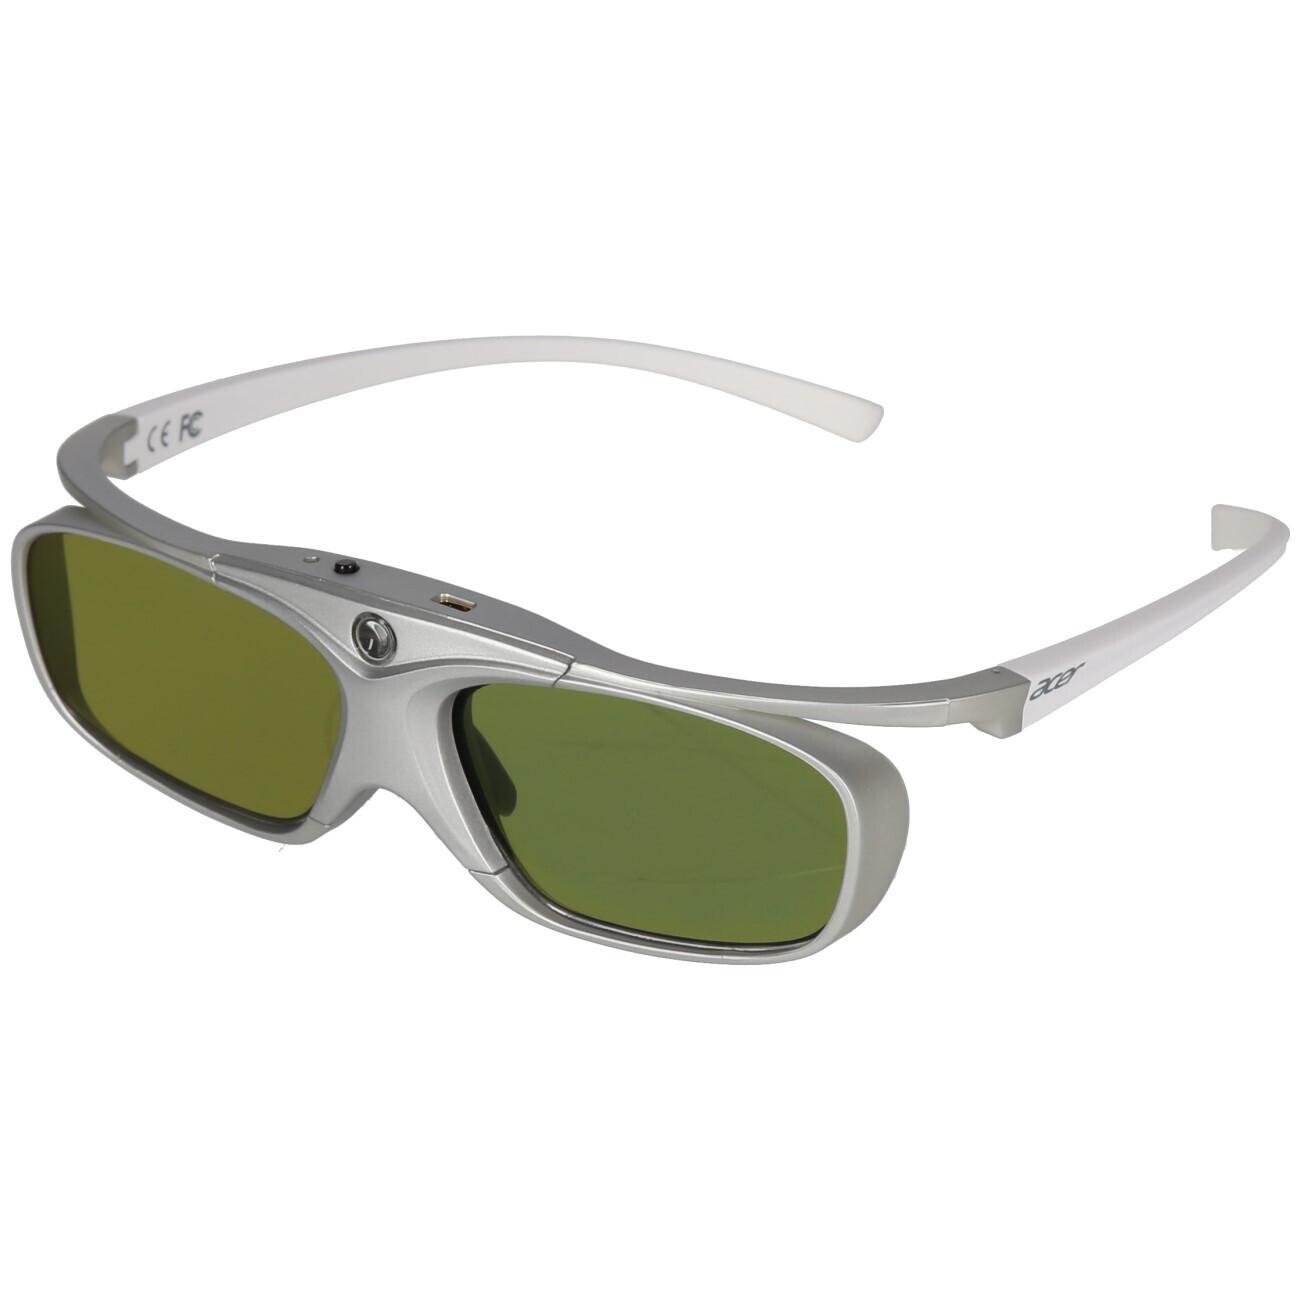 Acer E4W DLP 3D Shutter glasses